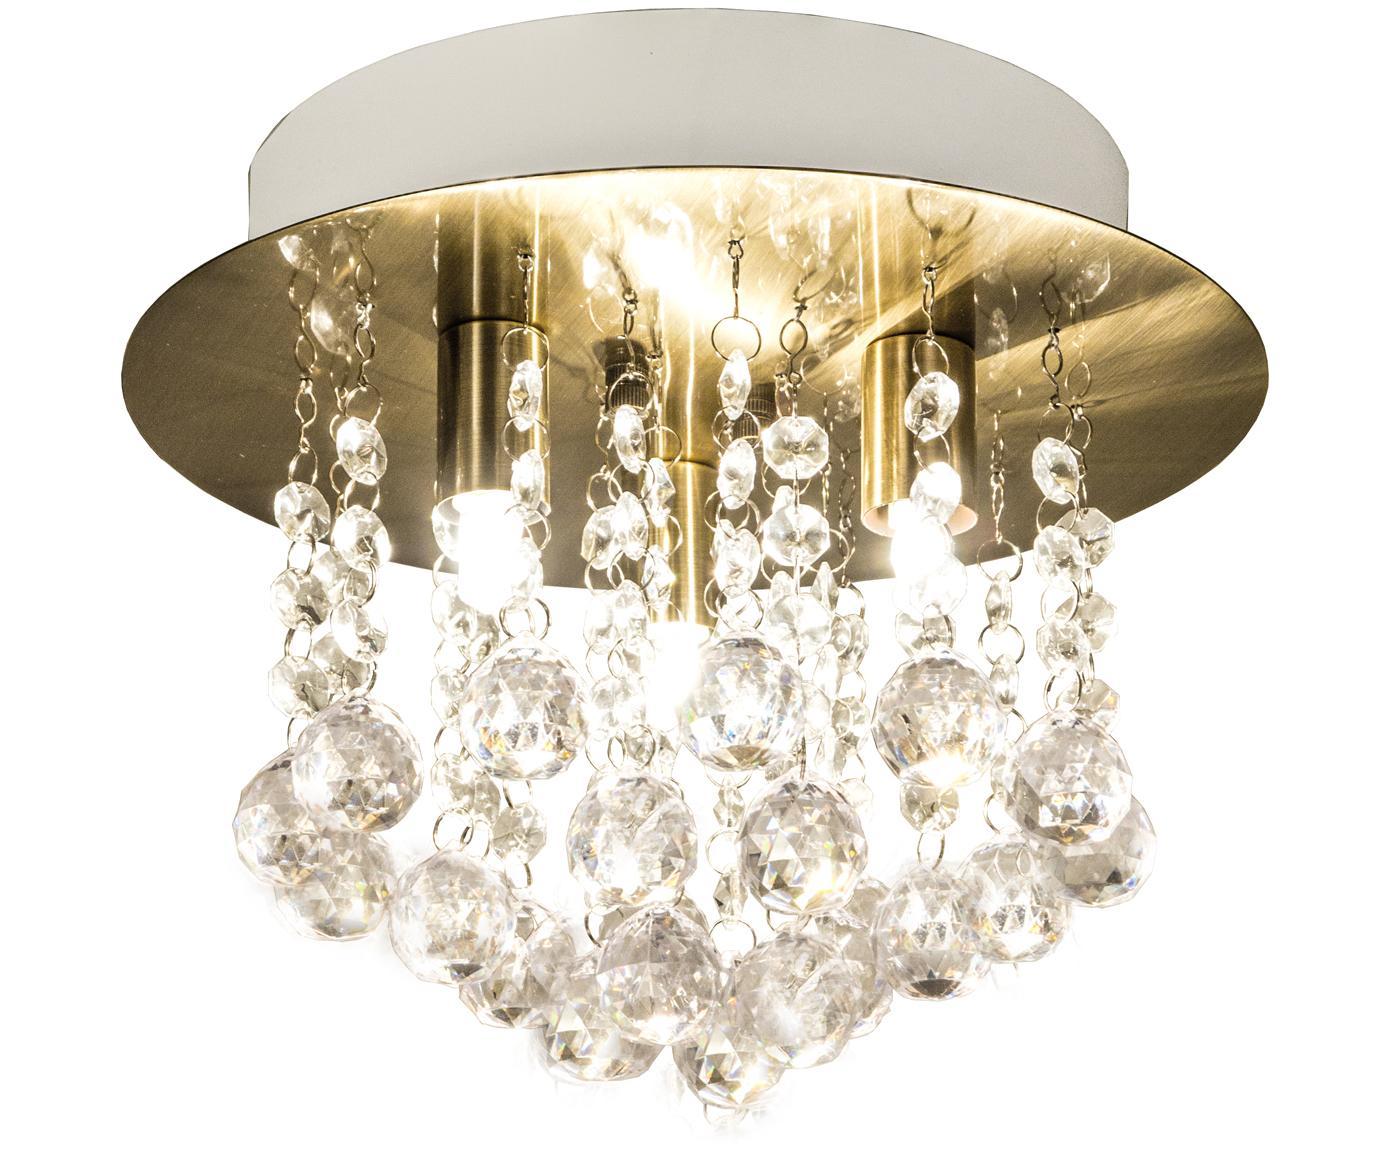 XS Deckenleuchte Madelene mit Glaskristallen, Lampenschirm: Messing, Messing, Transparent, Ø 26 x H 20 cm